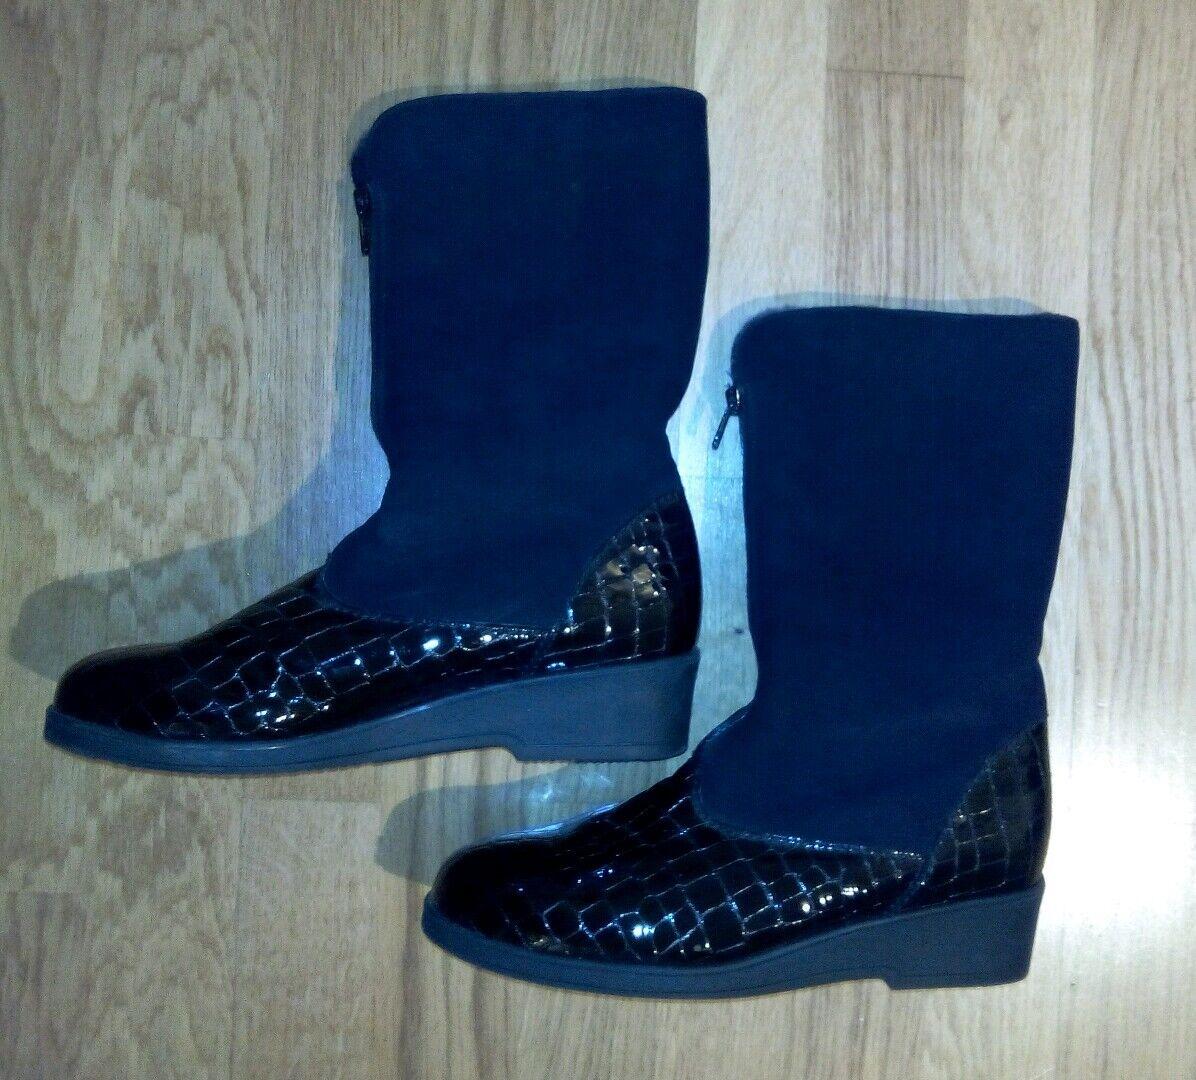 SEMLER Damen Schuhe Boots Gr. 39 schwarz wNEU Winter Winter Winter Lamm Fell Leder gefüttert 35206b